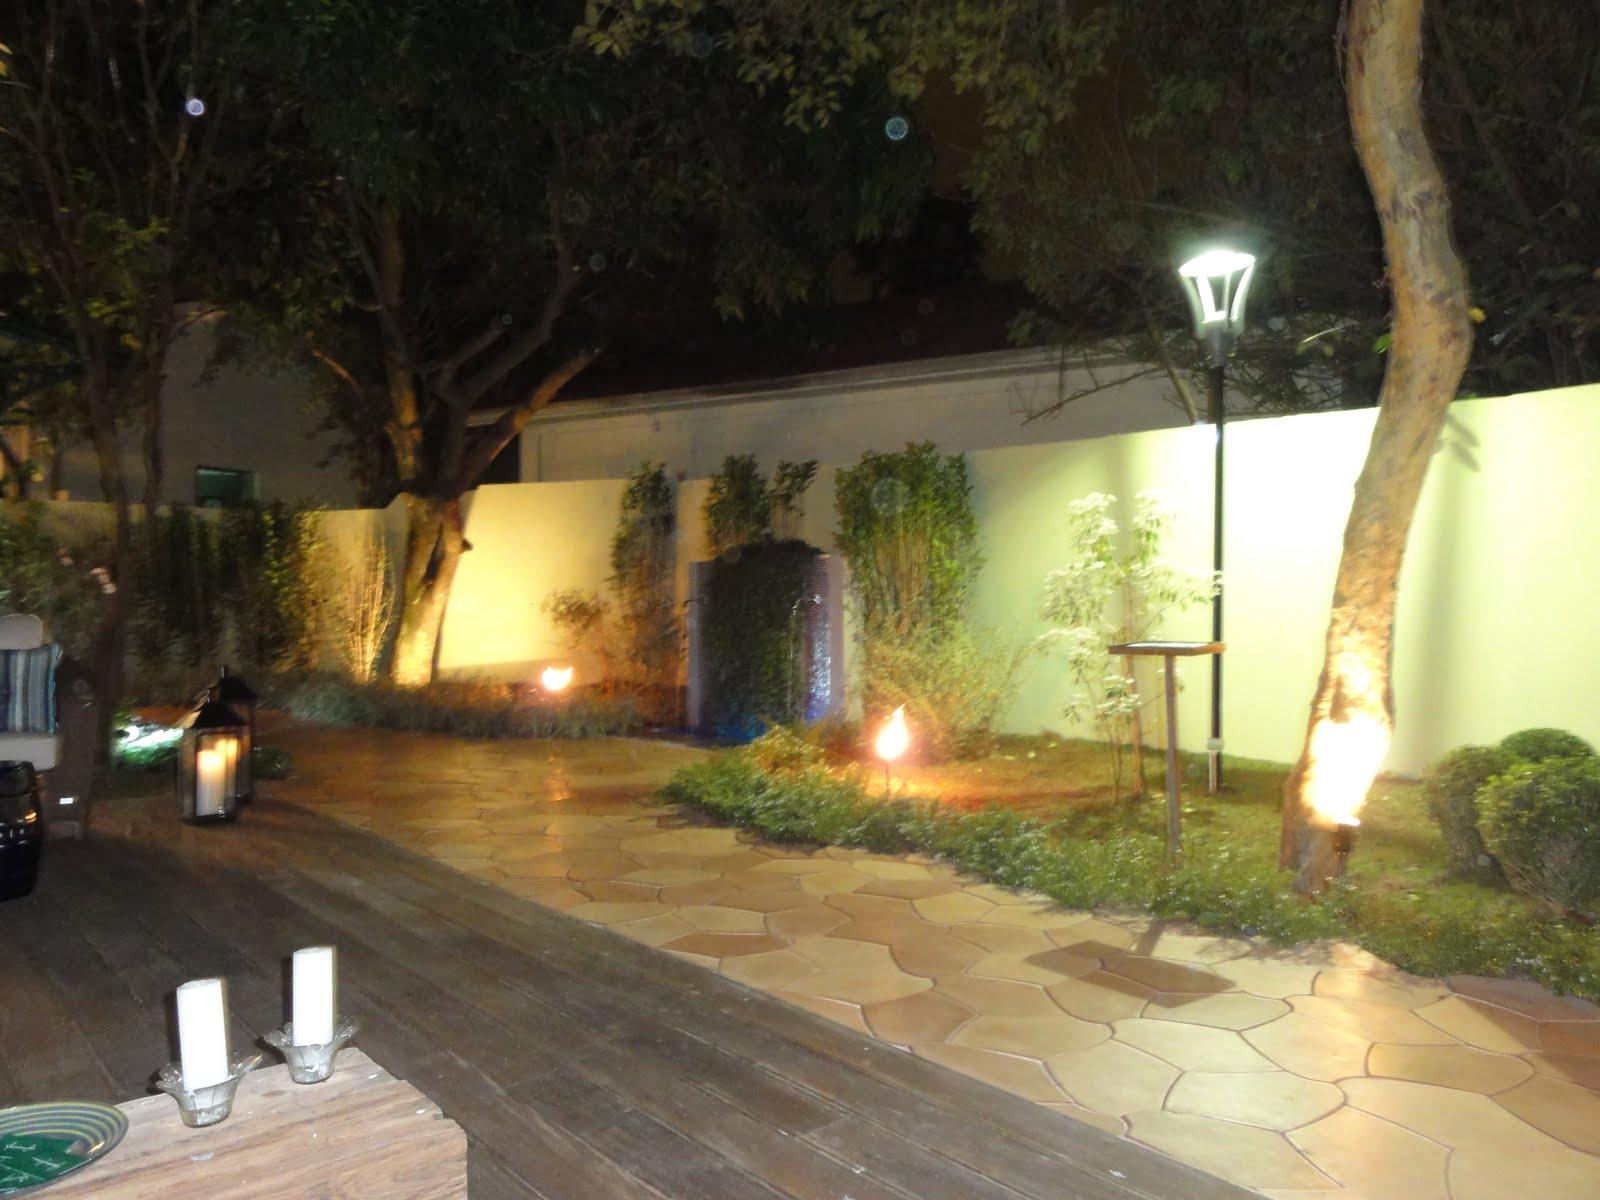 iluminacao jardins fotos : iluminacao jardins fotos: para jardins confira fotos de meios de iluminar jardins voltar